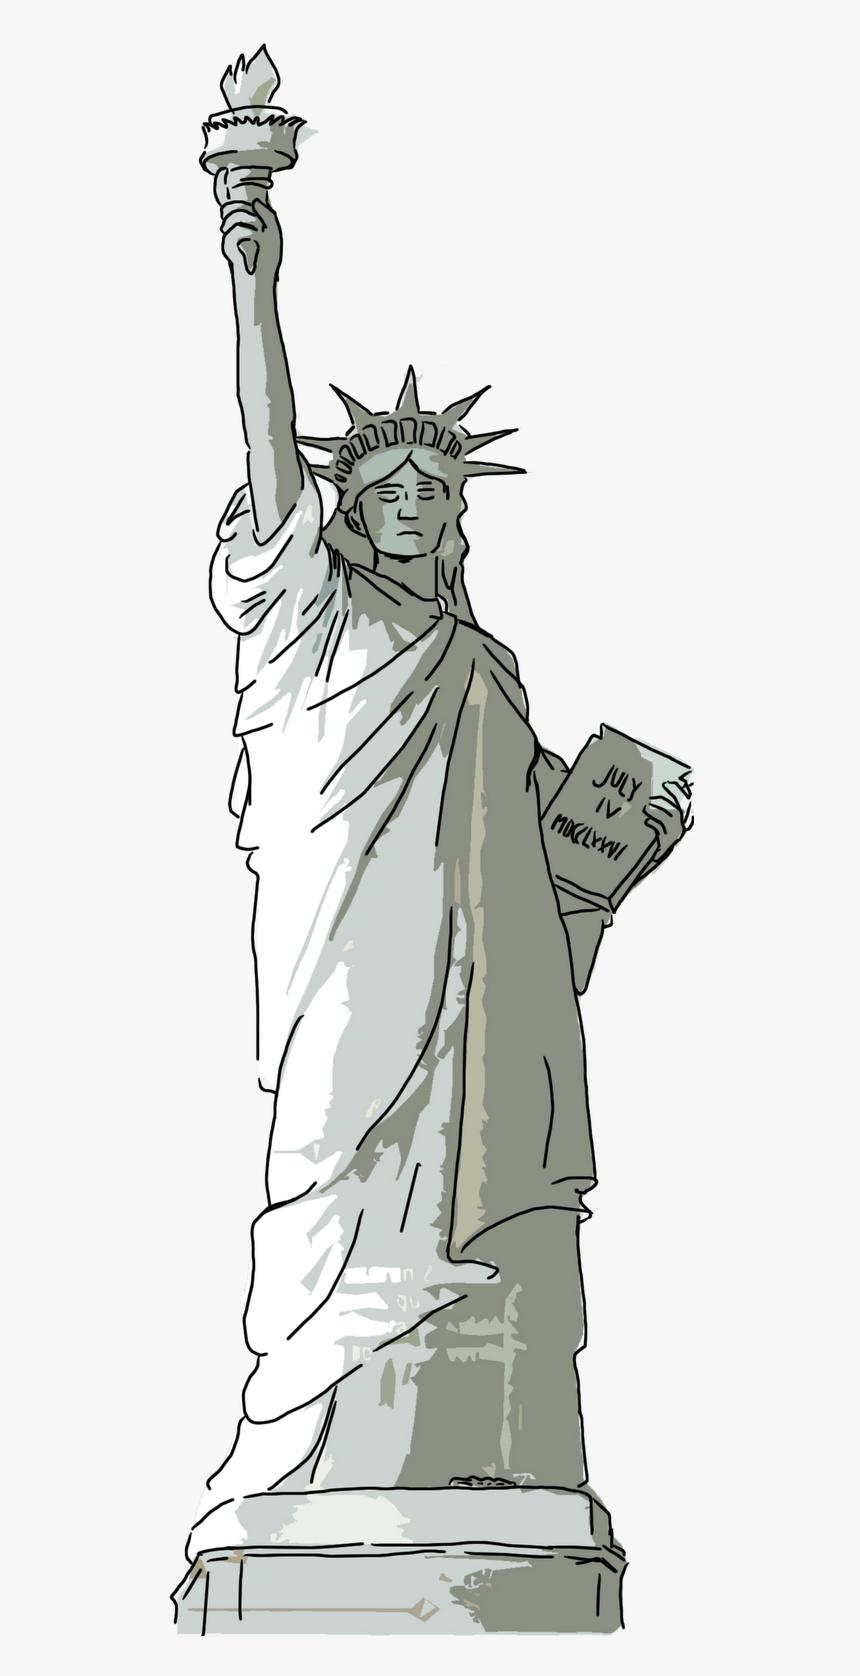 Señora De La Libertad Png, Transparent Png, Free Download